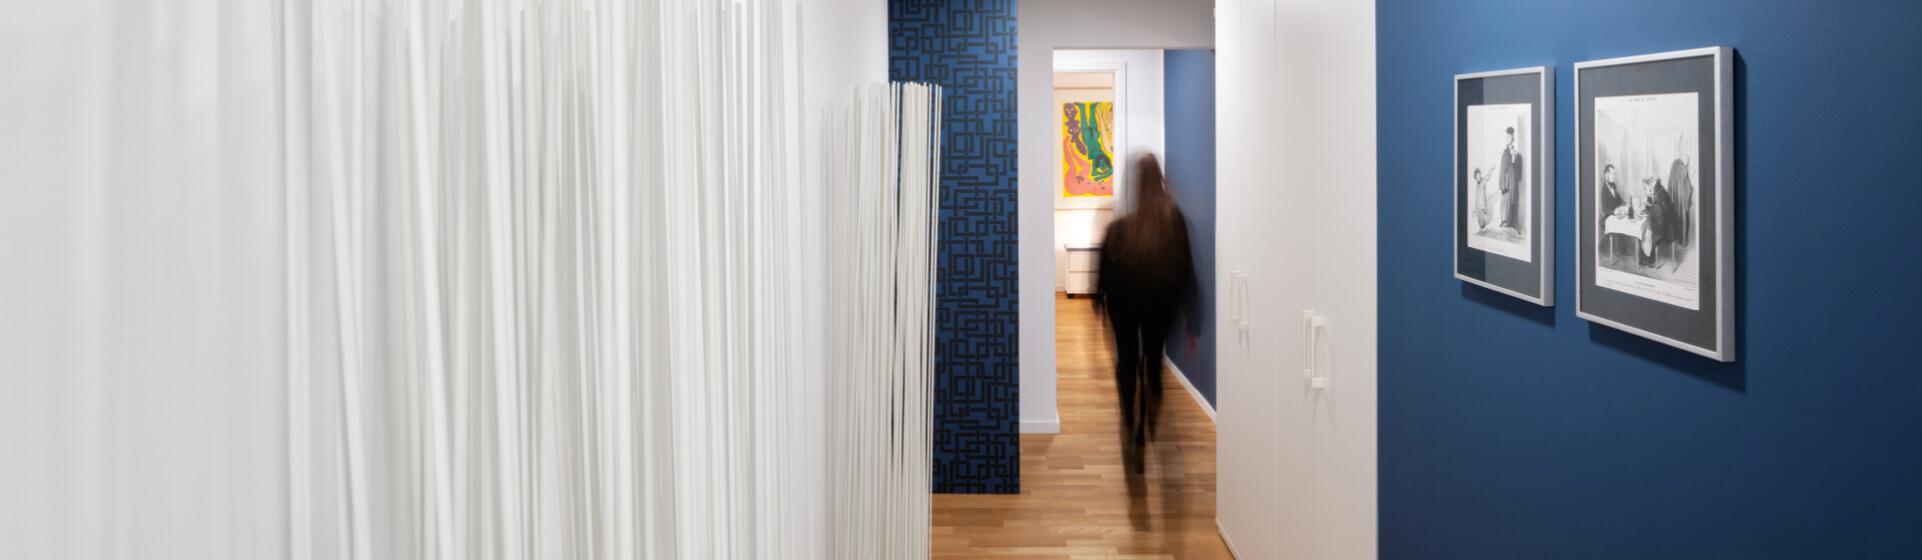 AescuLaw Foyer